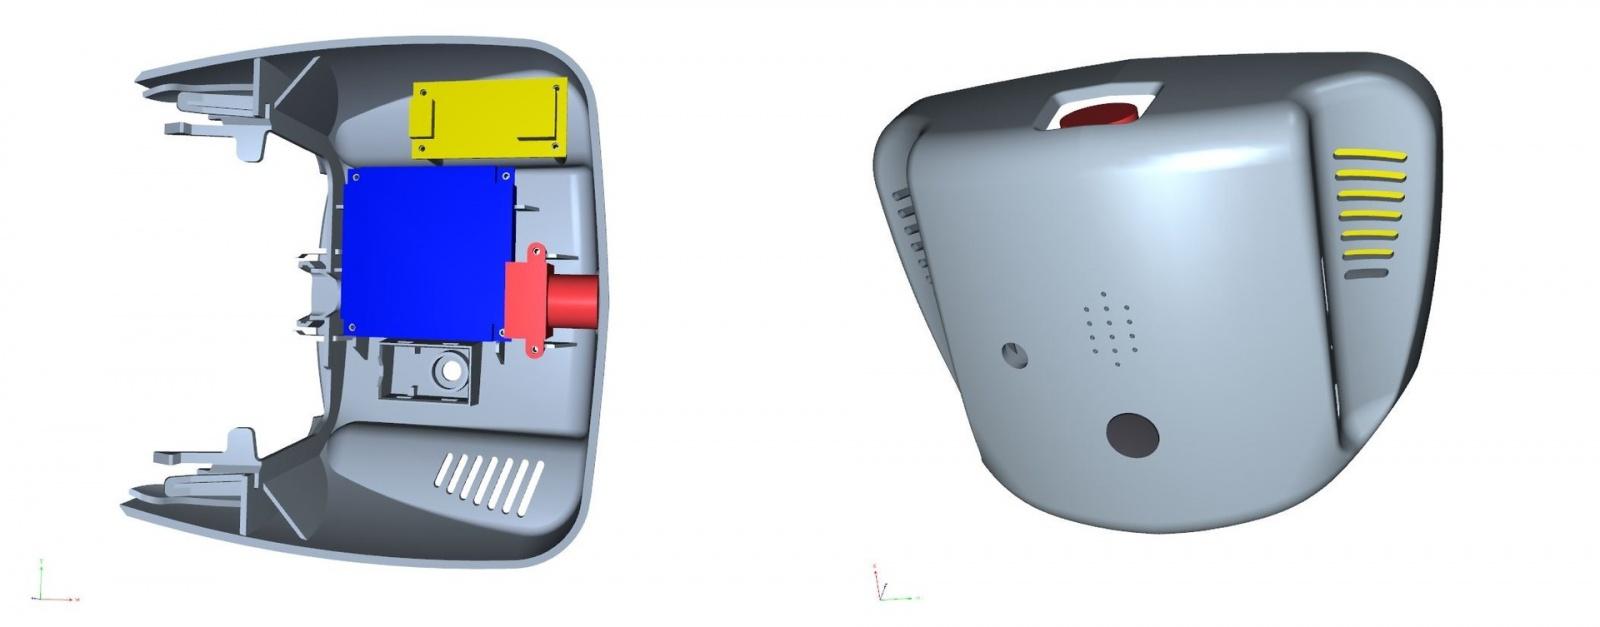 «Штатные» видеорегистраторы AXiOM: обзор Axiom Special Wi-Fi - 6